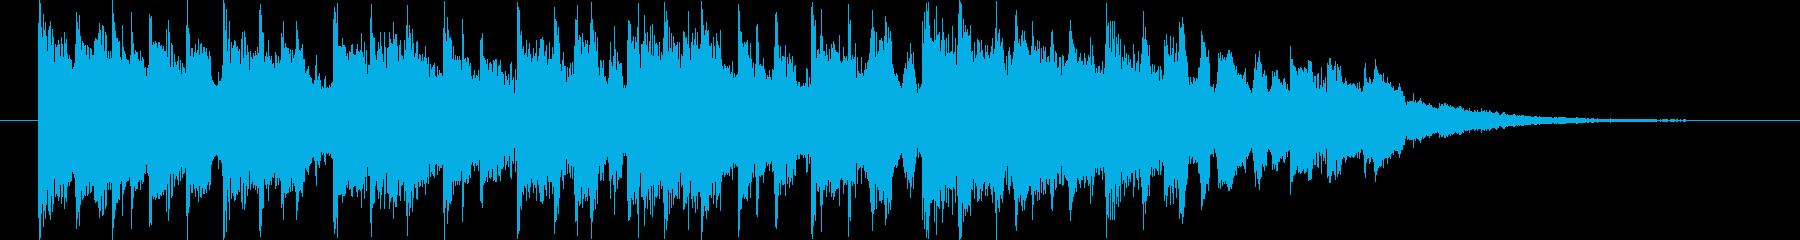 近未来的なBGM(15ver)の再生済みの波形